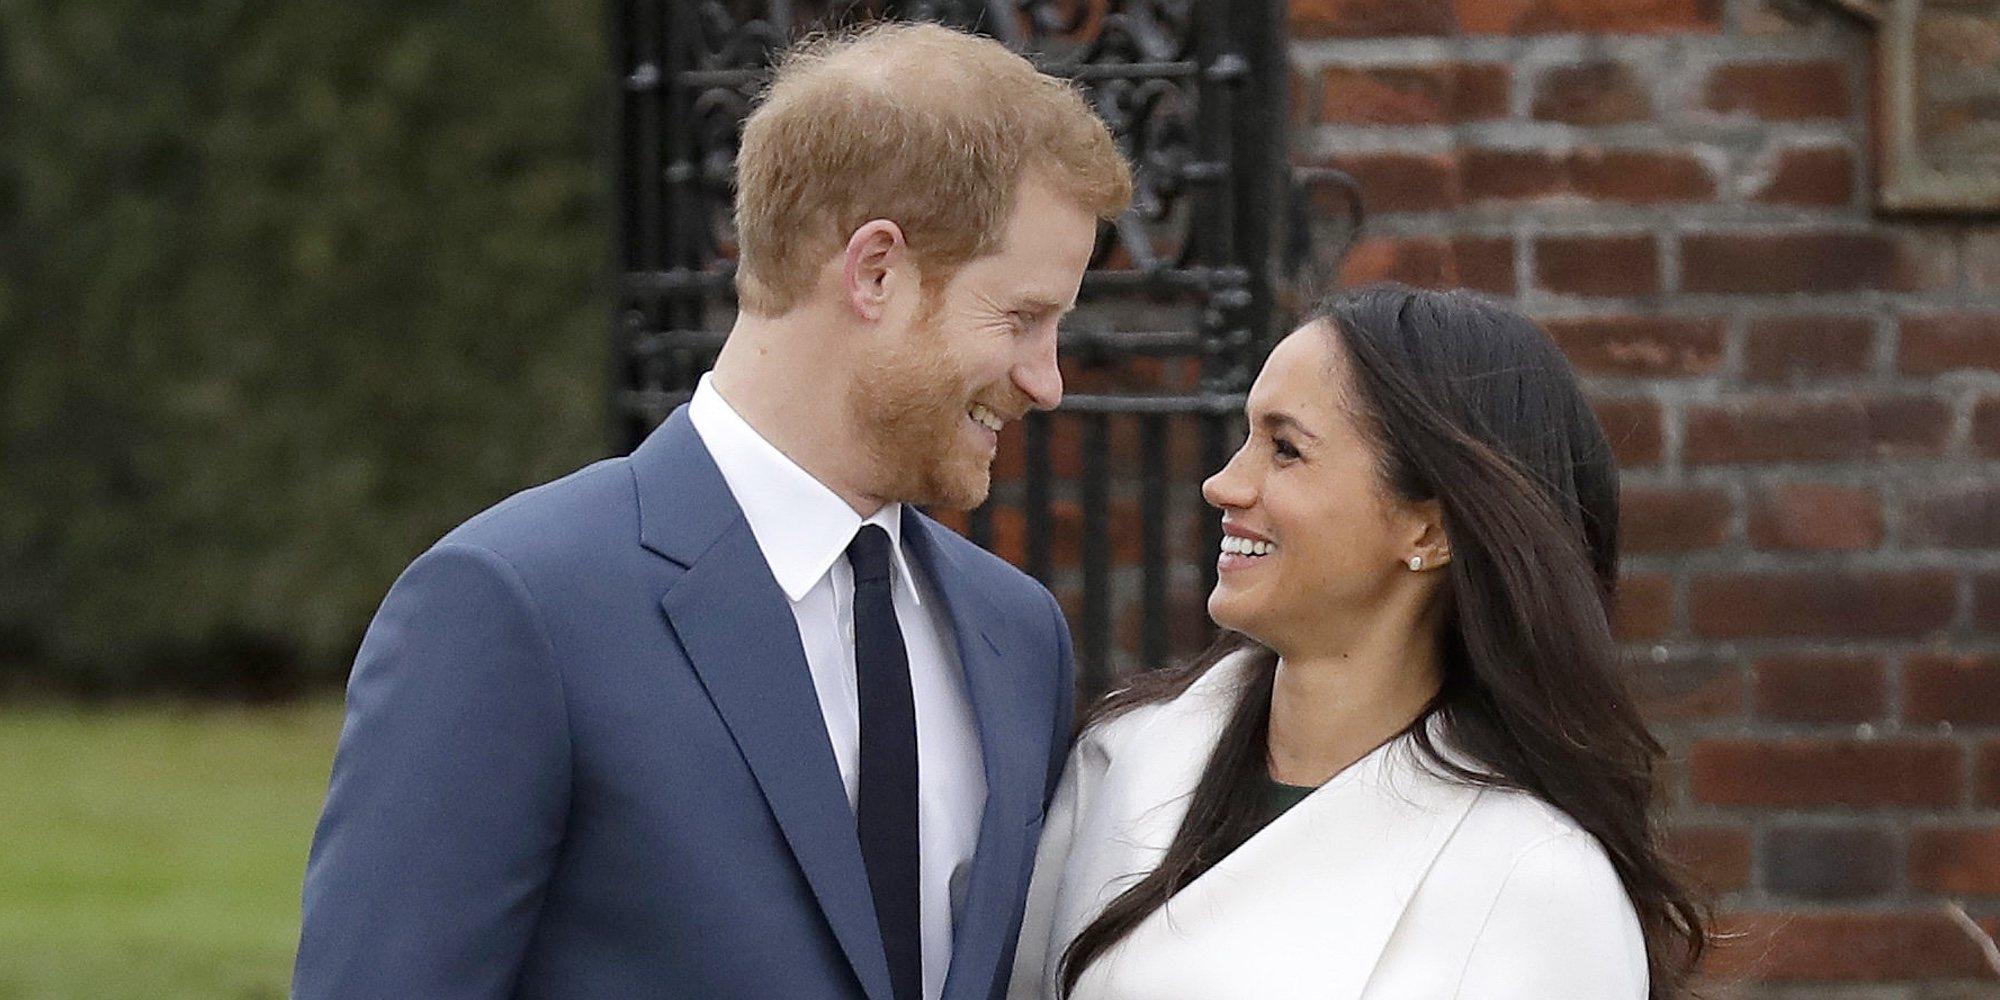 El Príncipe Harry y Meghan Markle se convierten en padres de su primer hijo